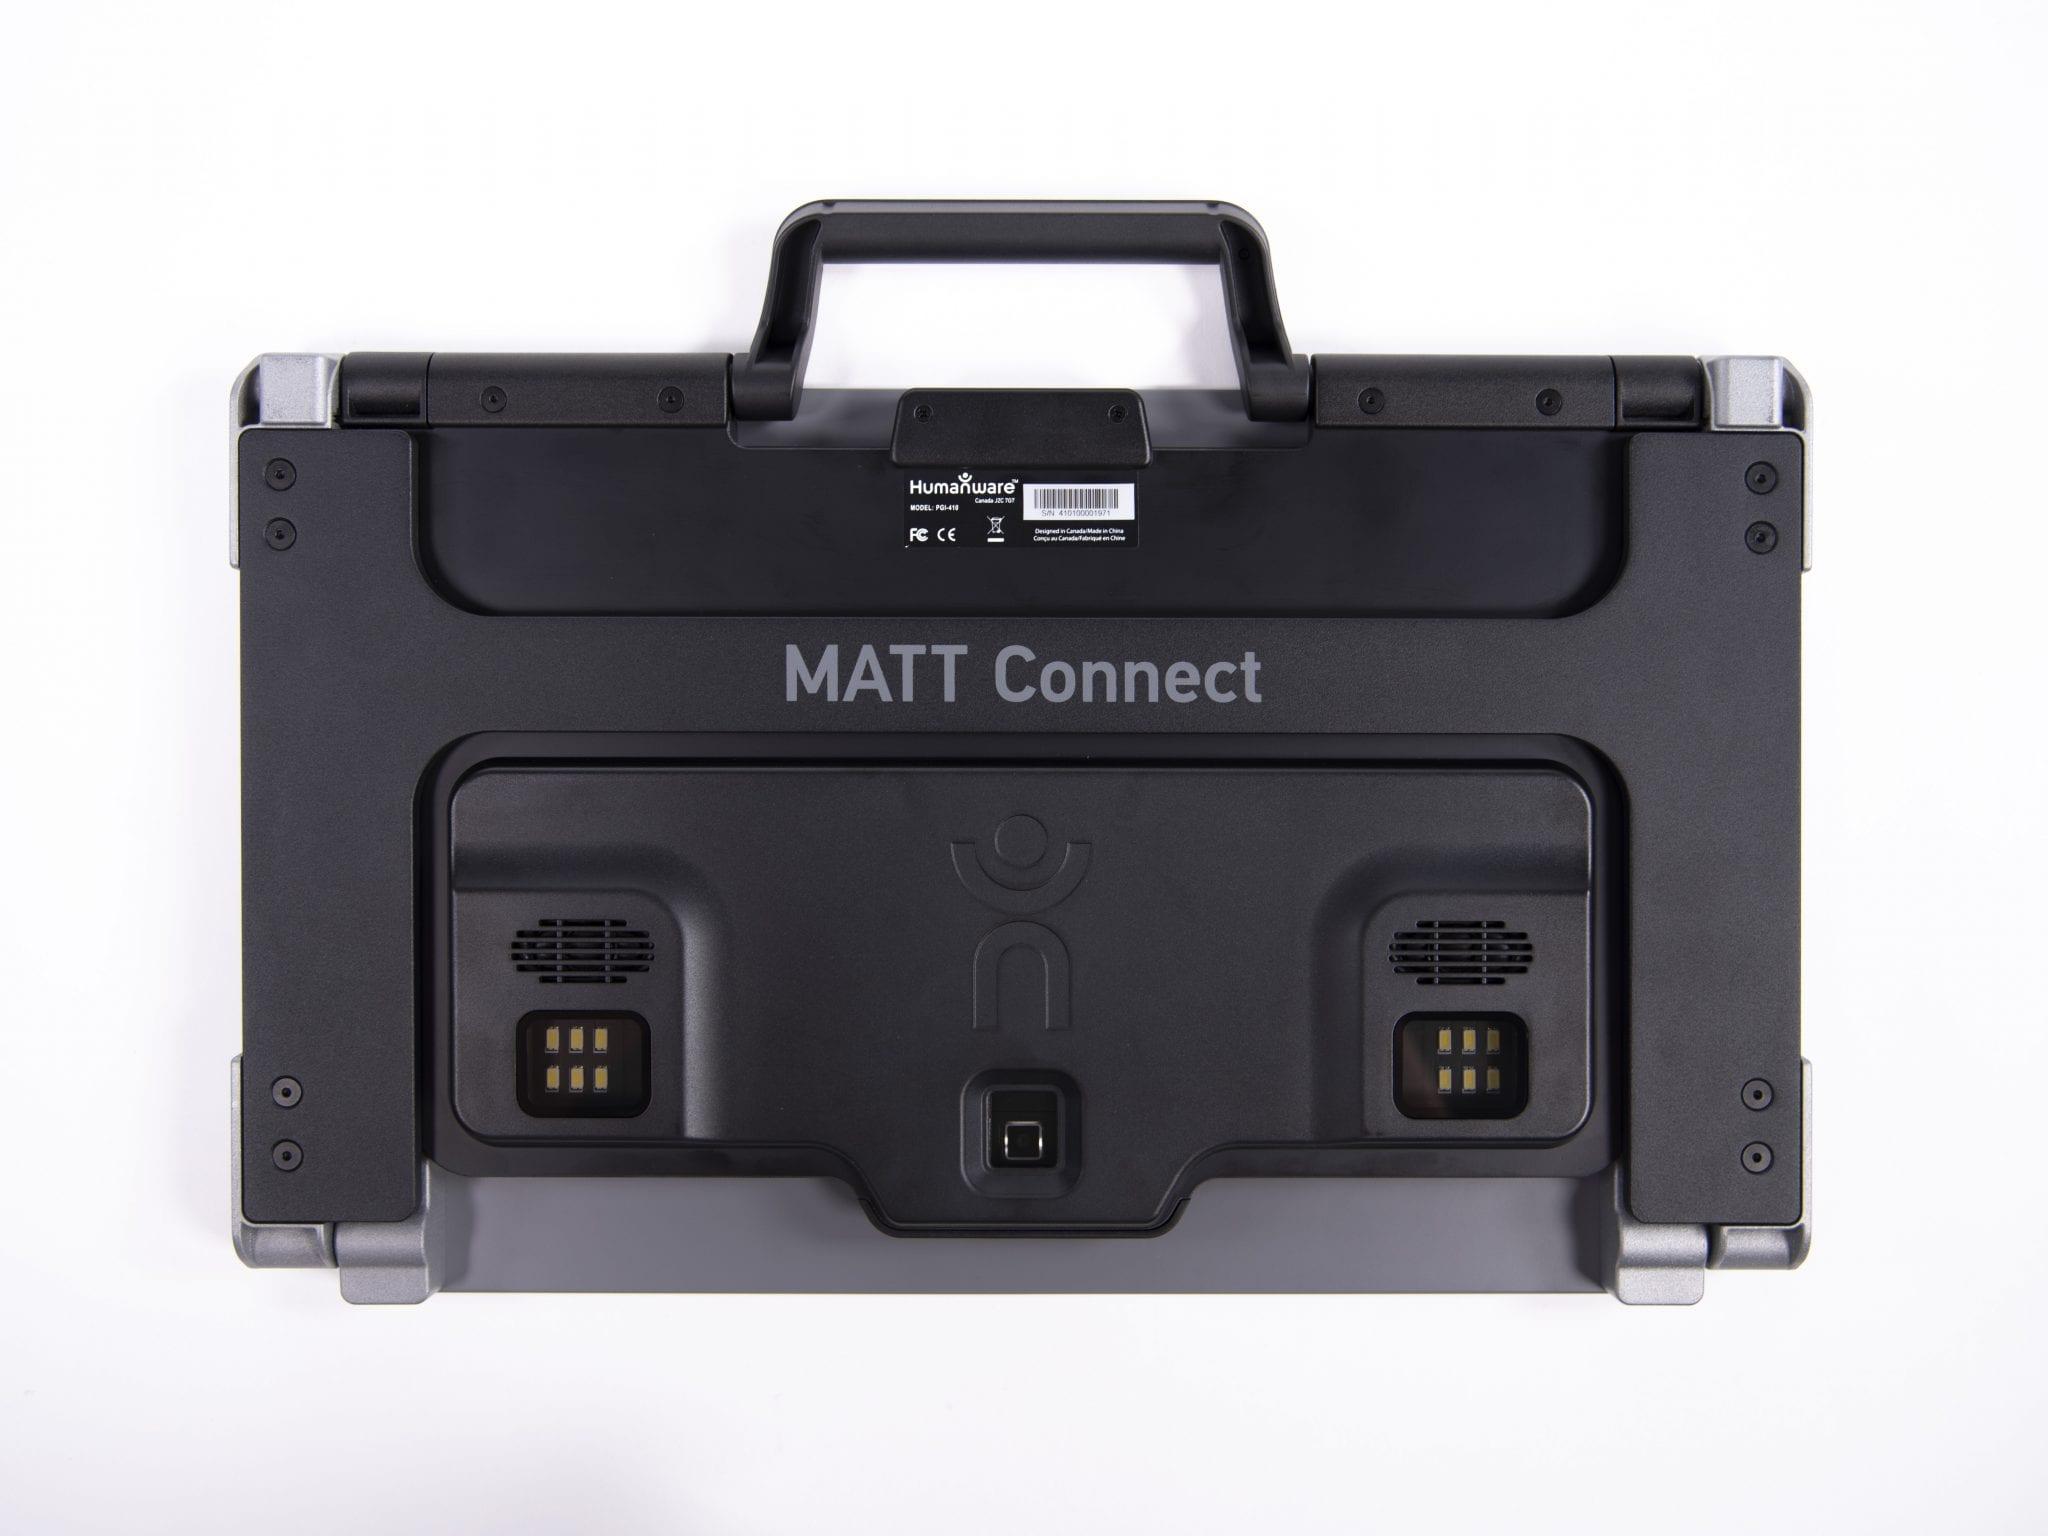 MATT Connect